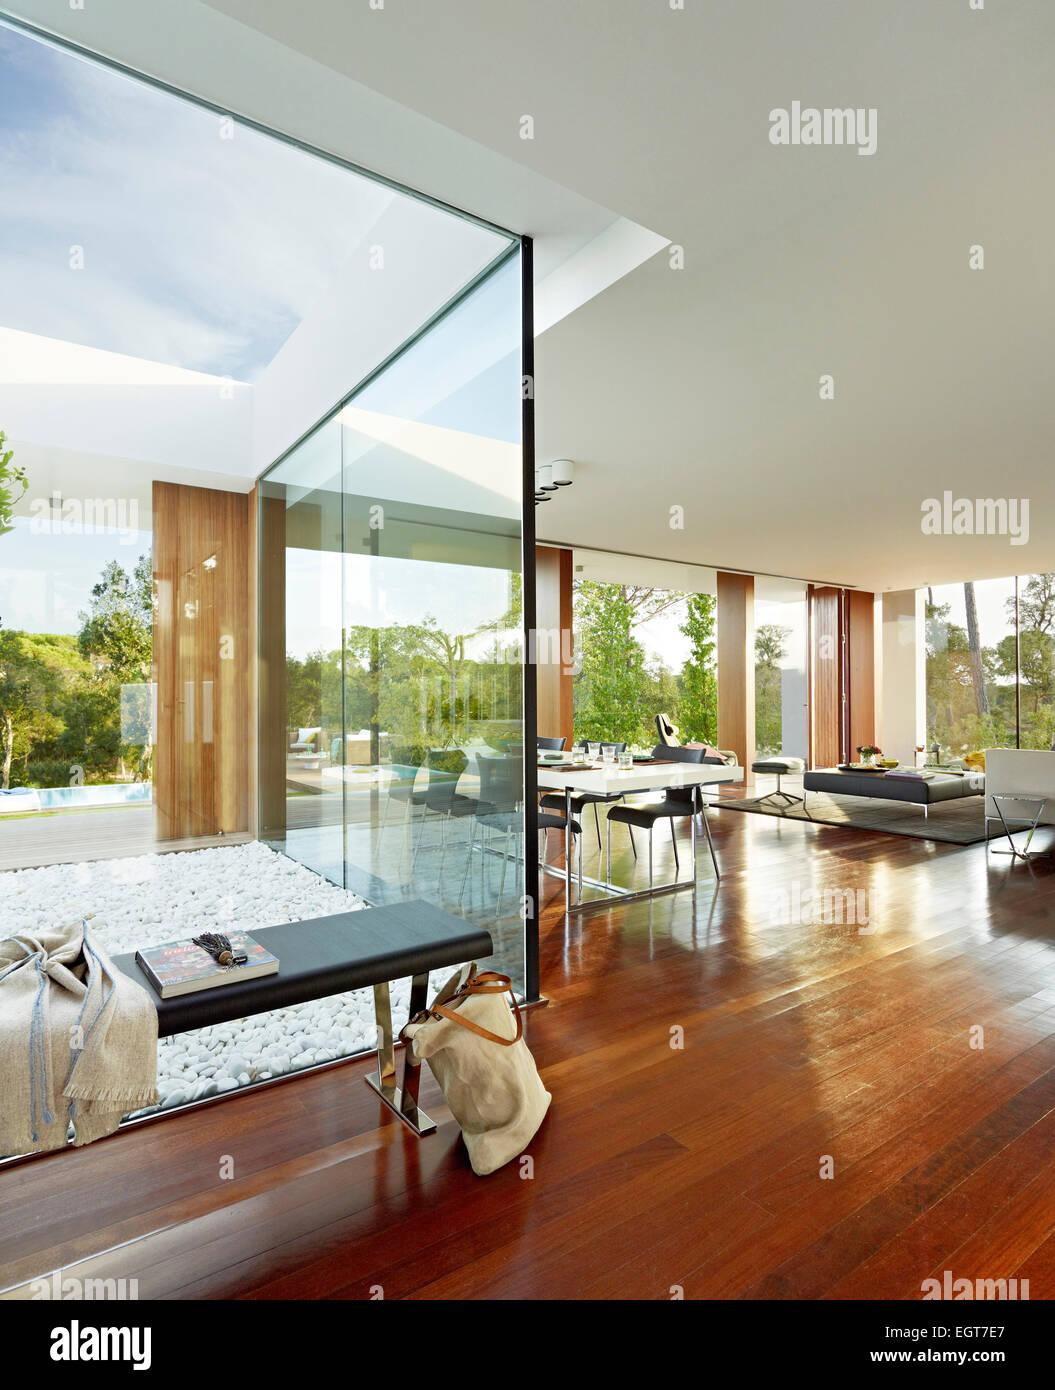 sitzbank in voller l nge fenster im offenen wohnzimmer modernes wohnhaus in sifera spanien. Black Bedroom Furniture Sets. Home Design Ideas